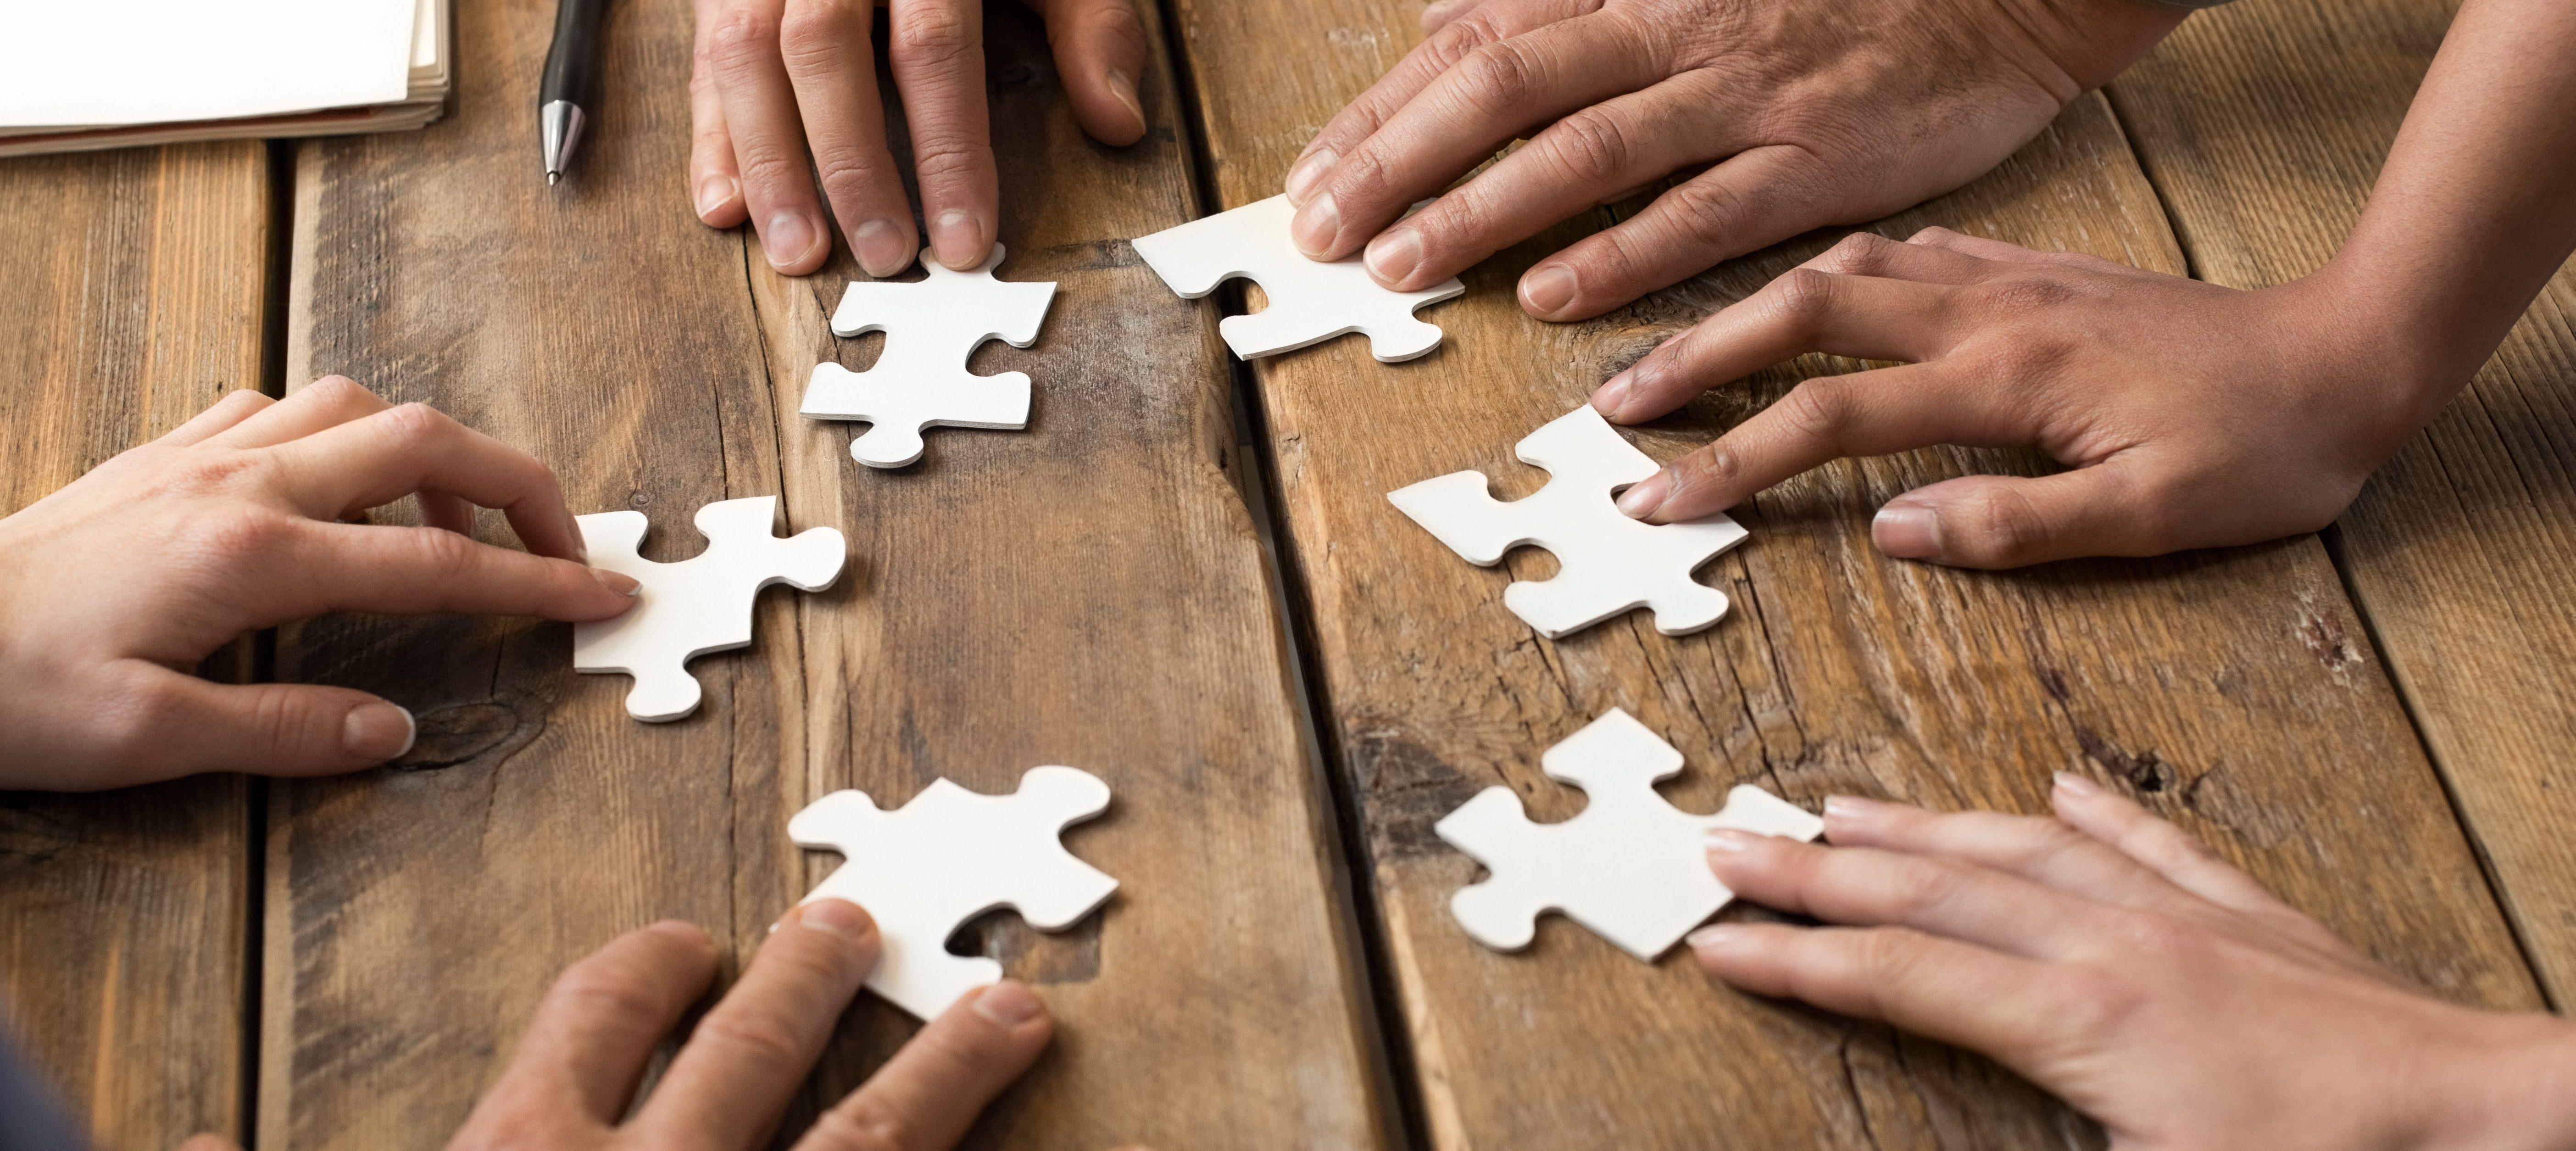 Gemeente Huizen gaat samenwerking aan met OGD